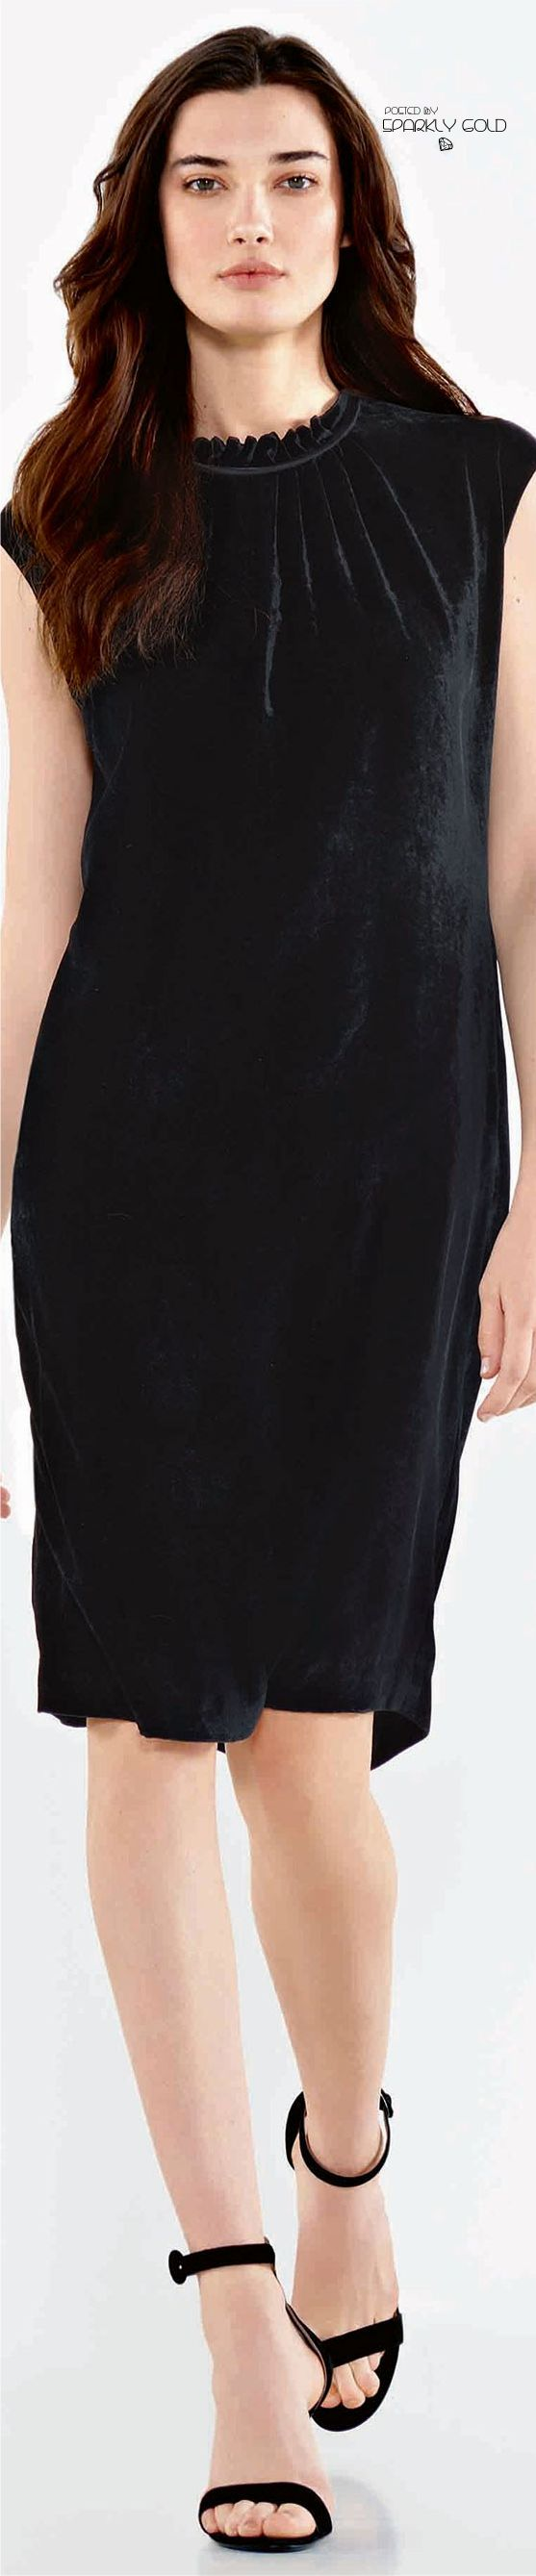 Le petit robe noir 2018